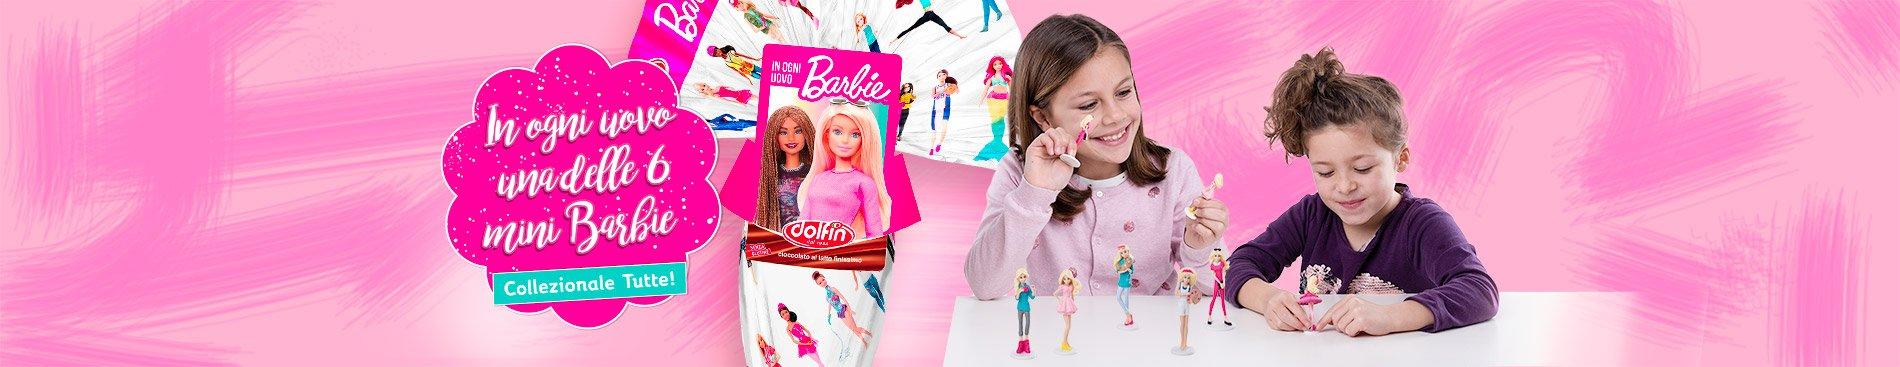 2020 Pasqua - Barbie